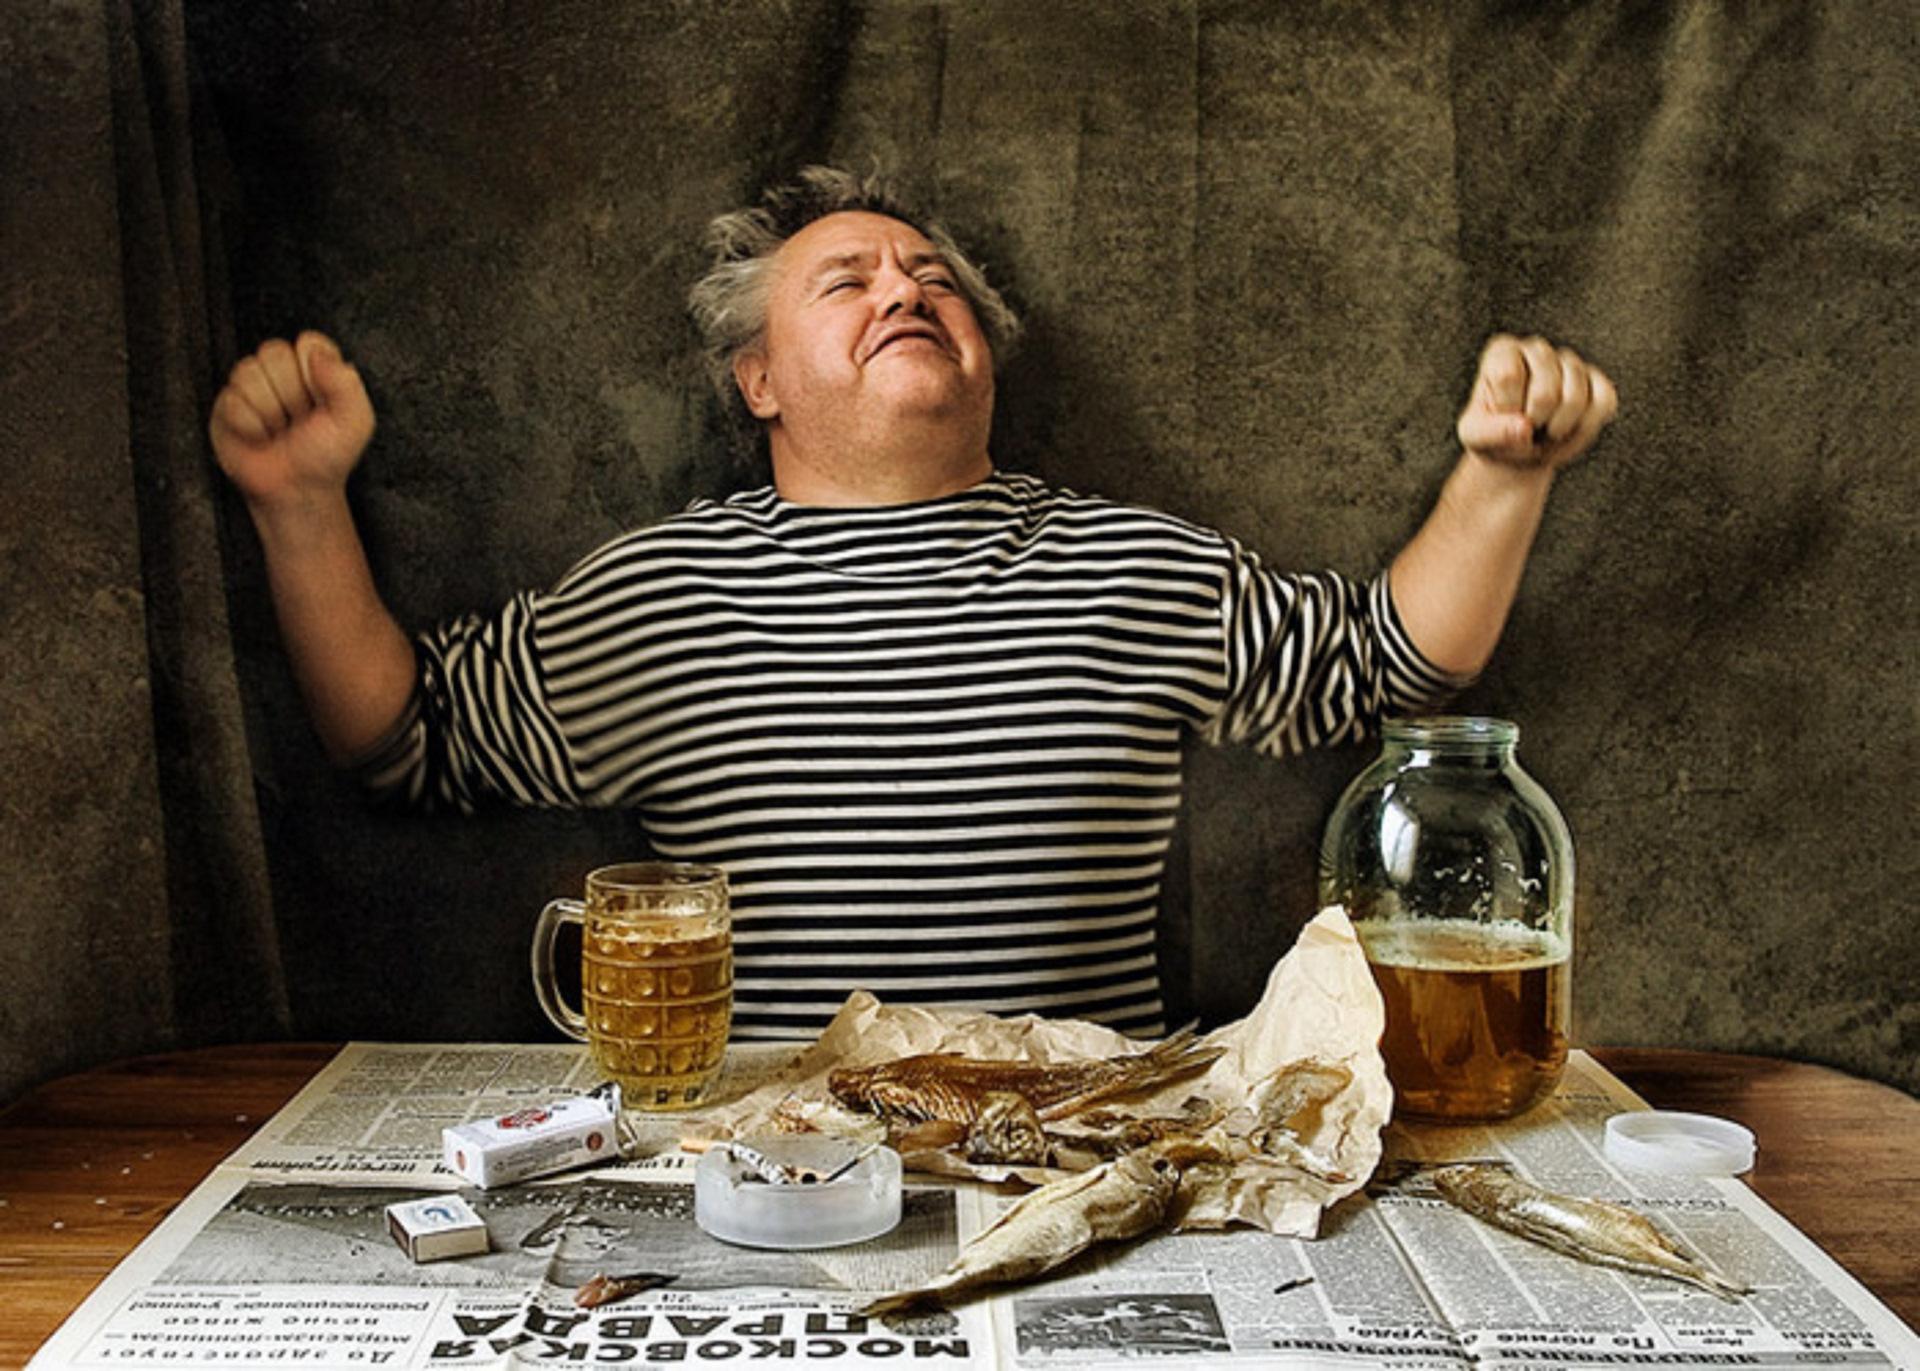 блюдцем картинки про выпить и отдохнуть ворота